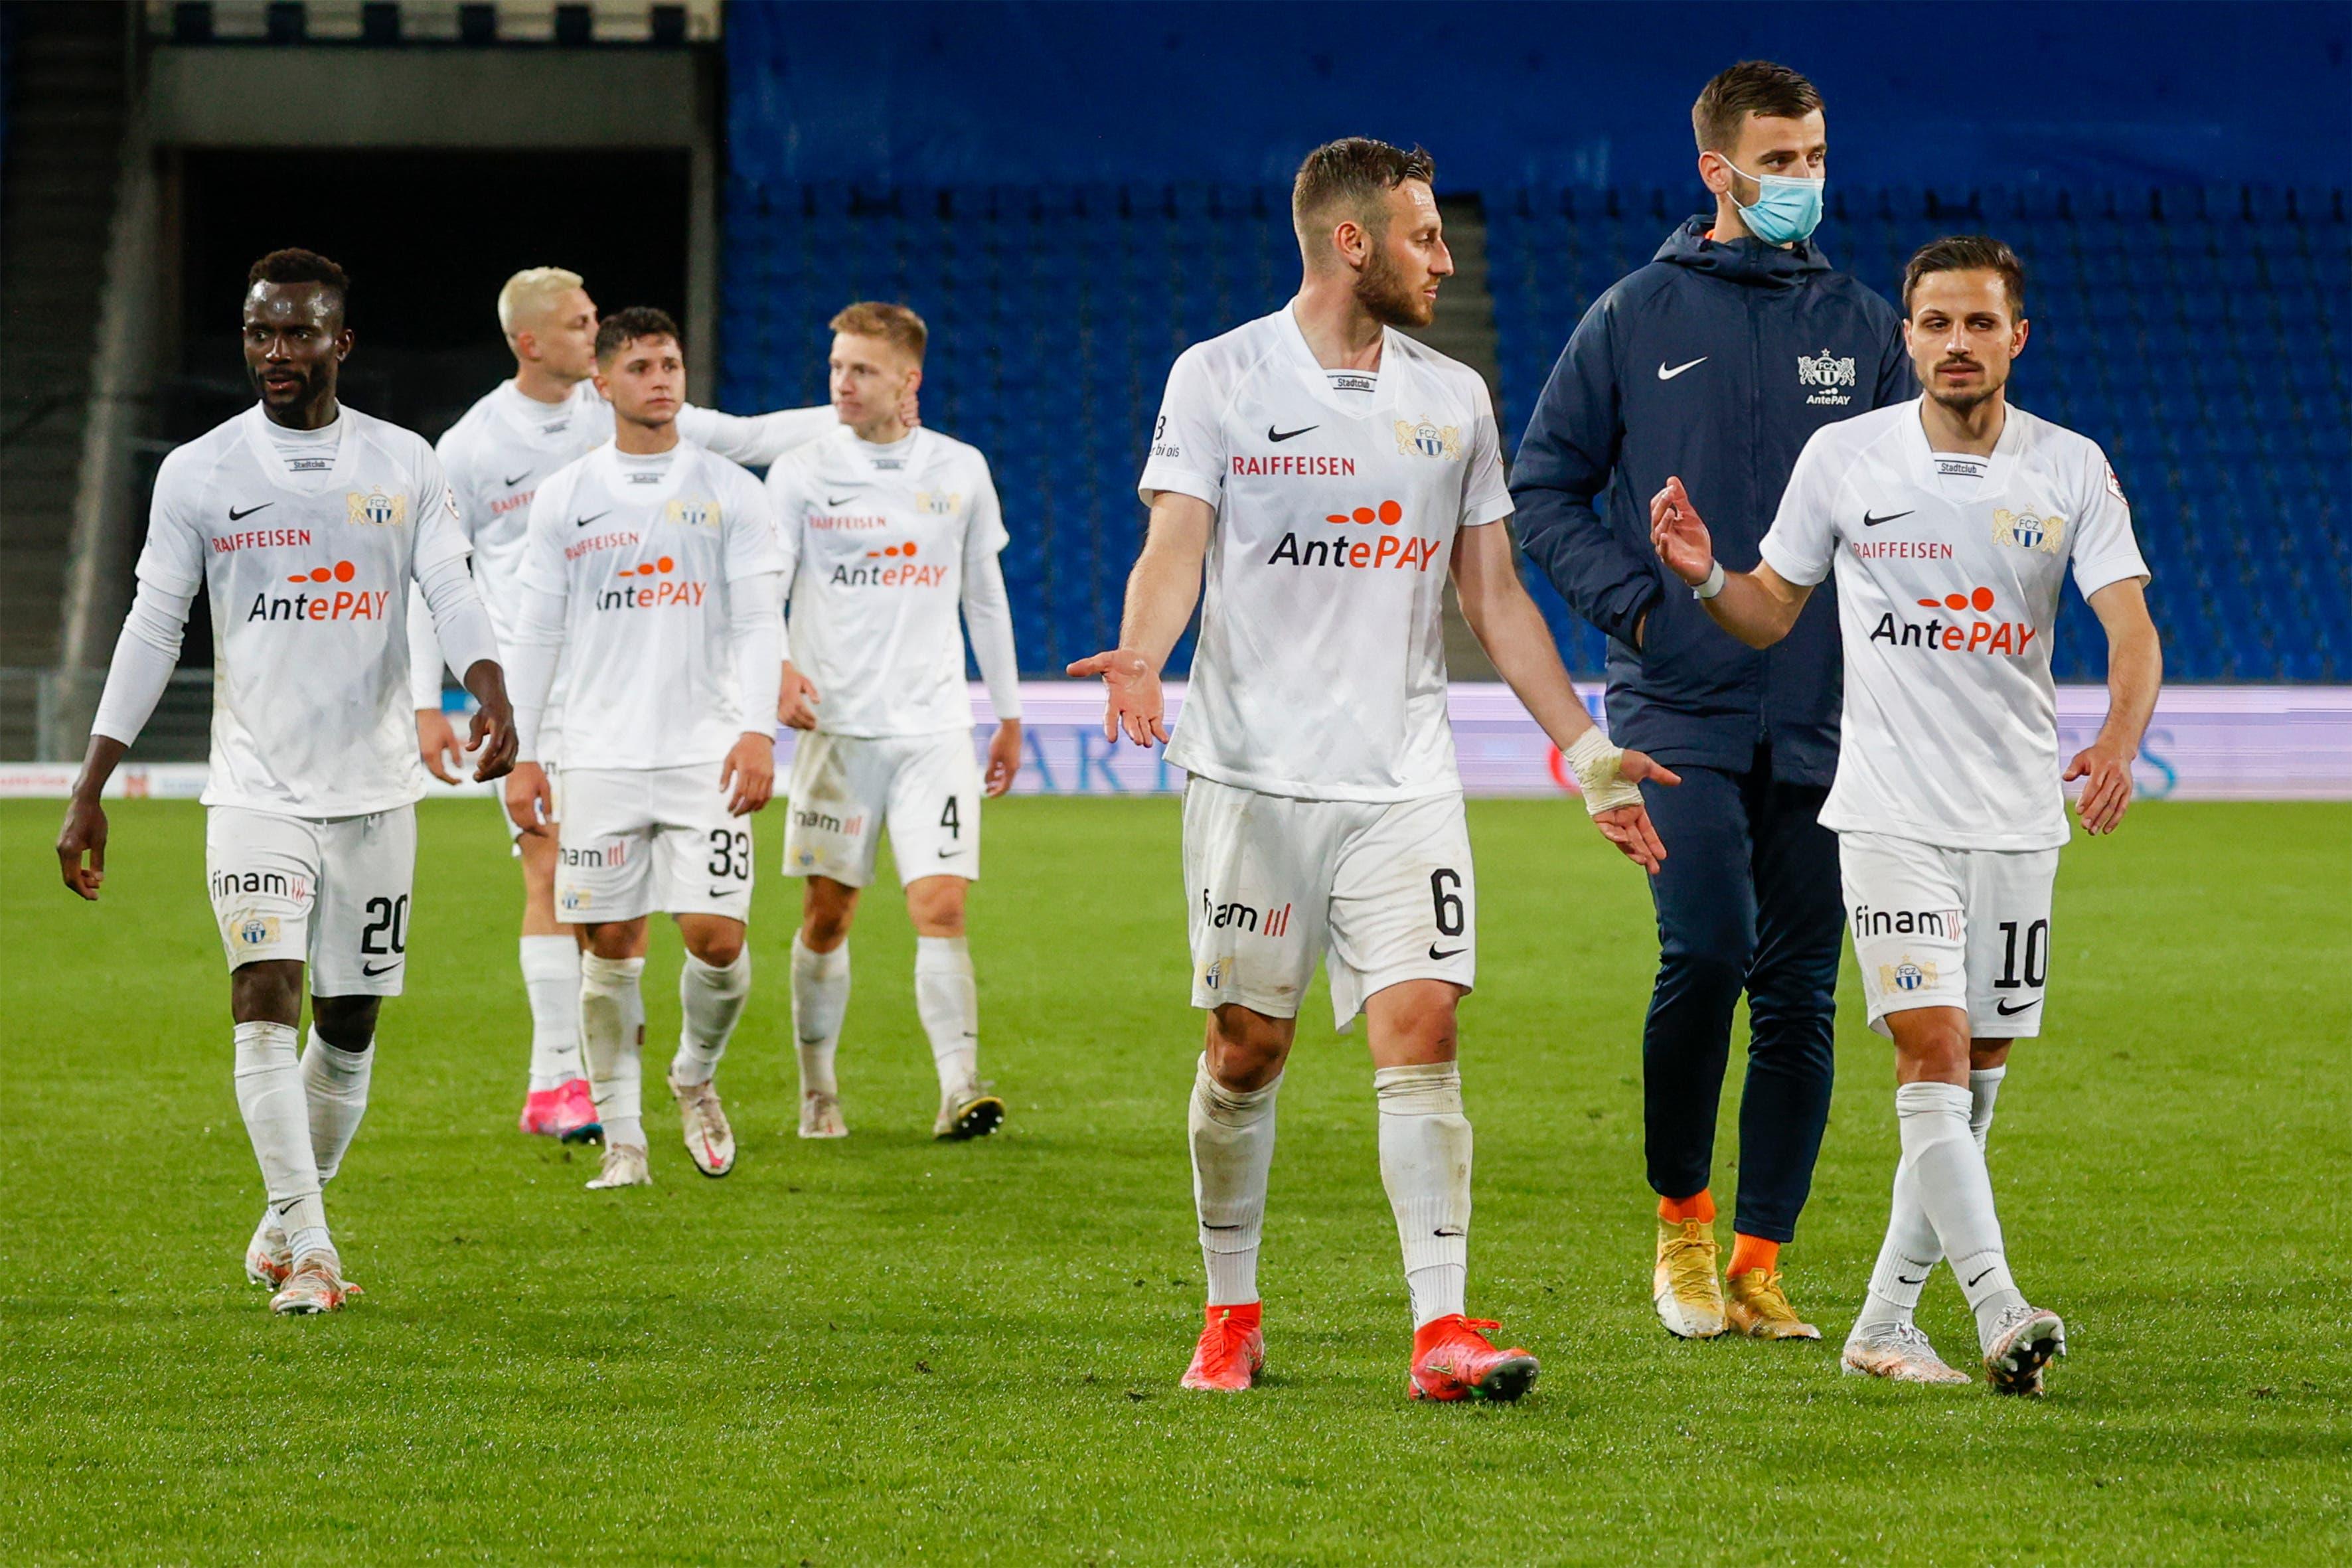 Hängede Köpfe beim Gegner. Immerhin spielt der FC Zürich auch nächste Saison erstklassig.